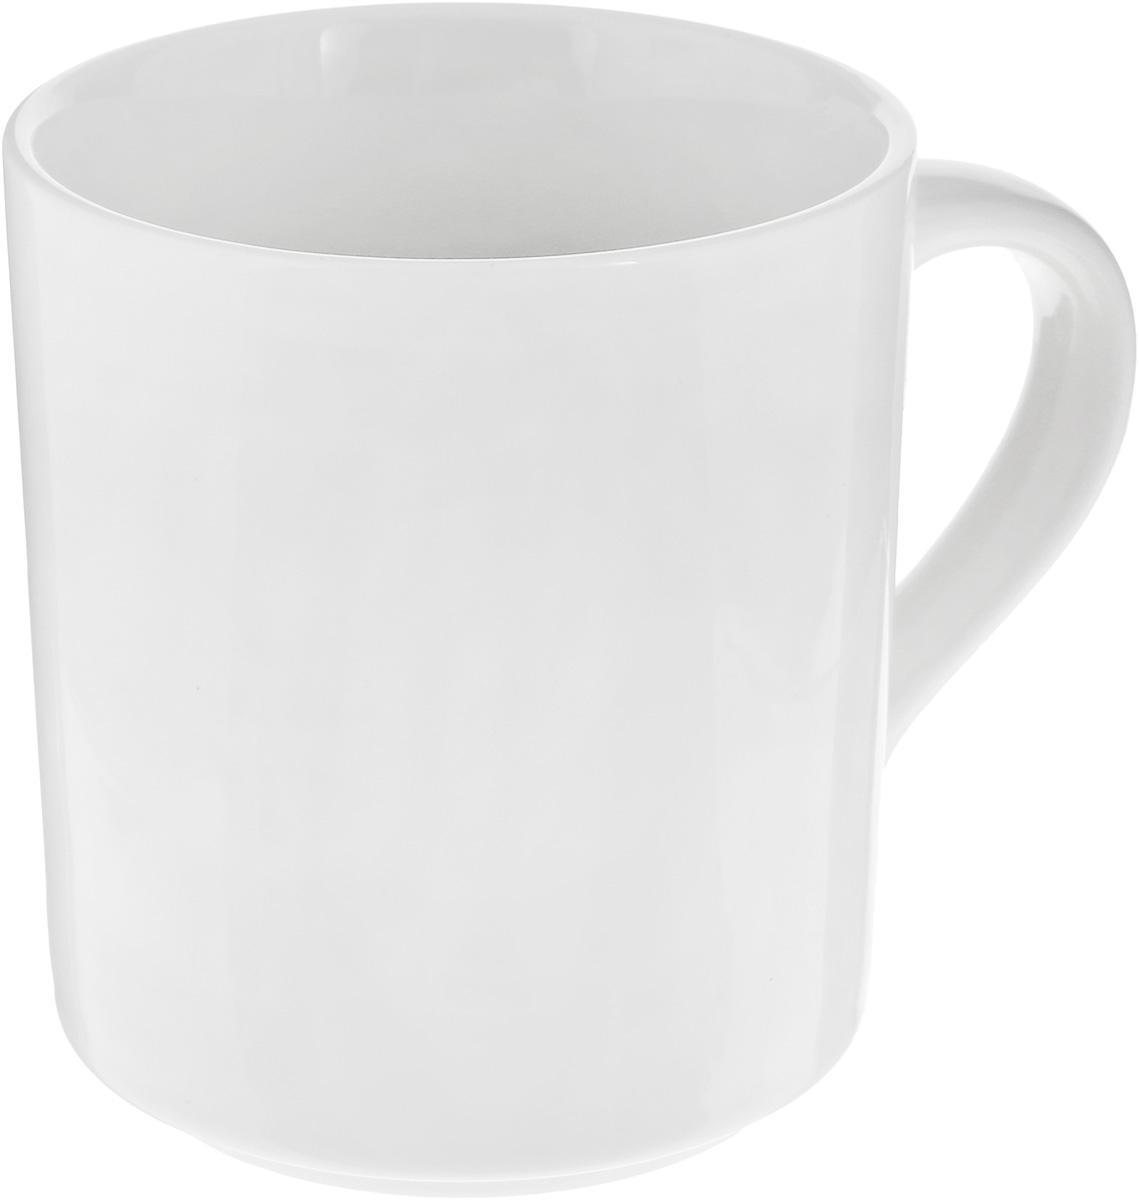 Кружка Wilmax, цвет: белый, 350 мл кружка bhp яблоневый цвет 350 мл